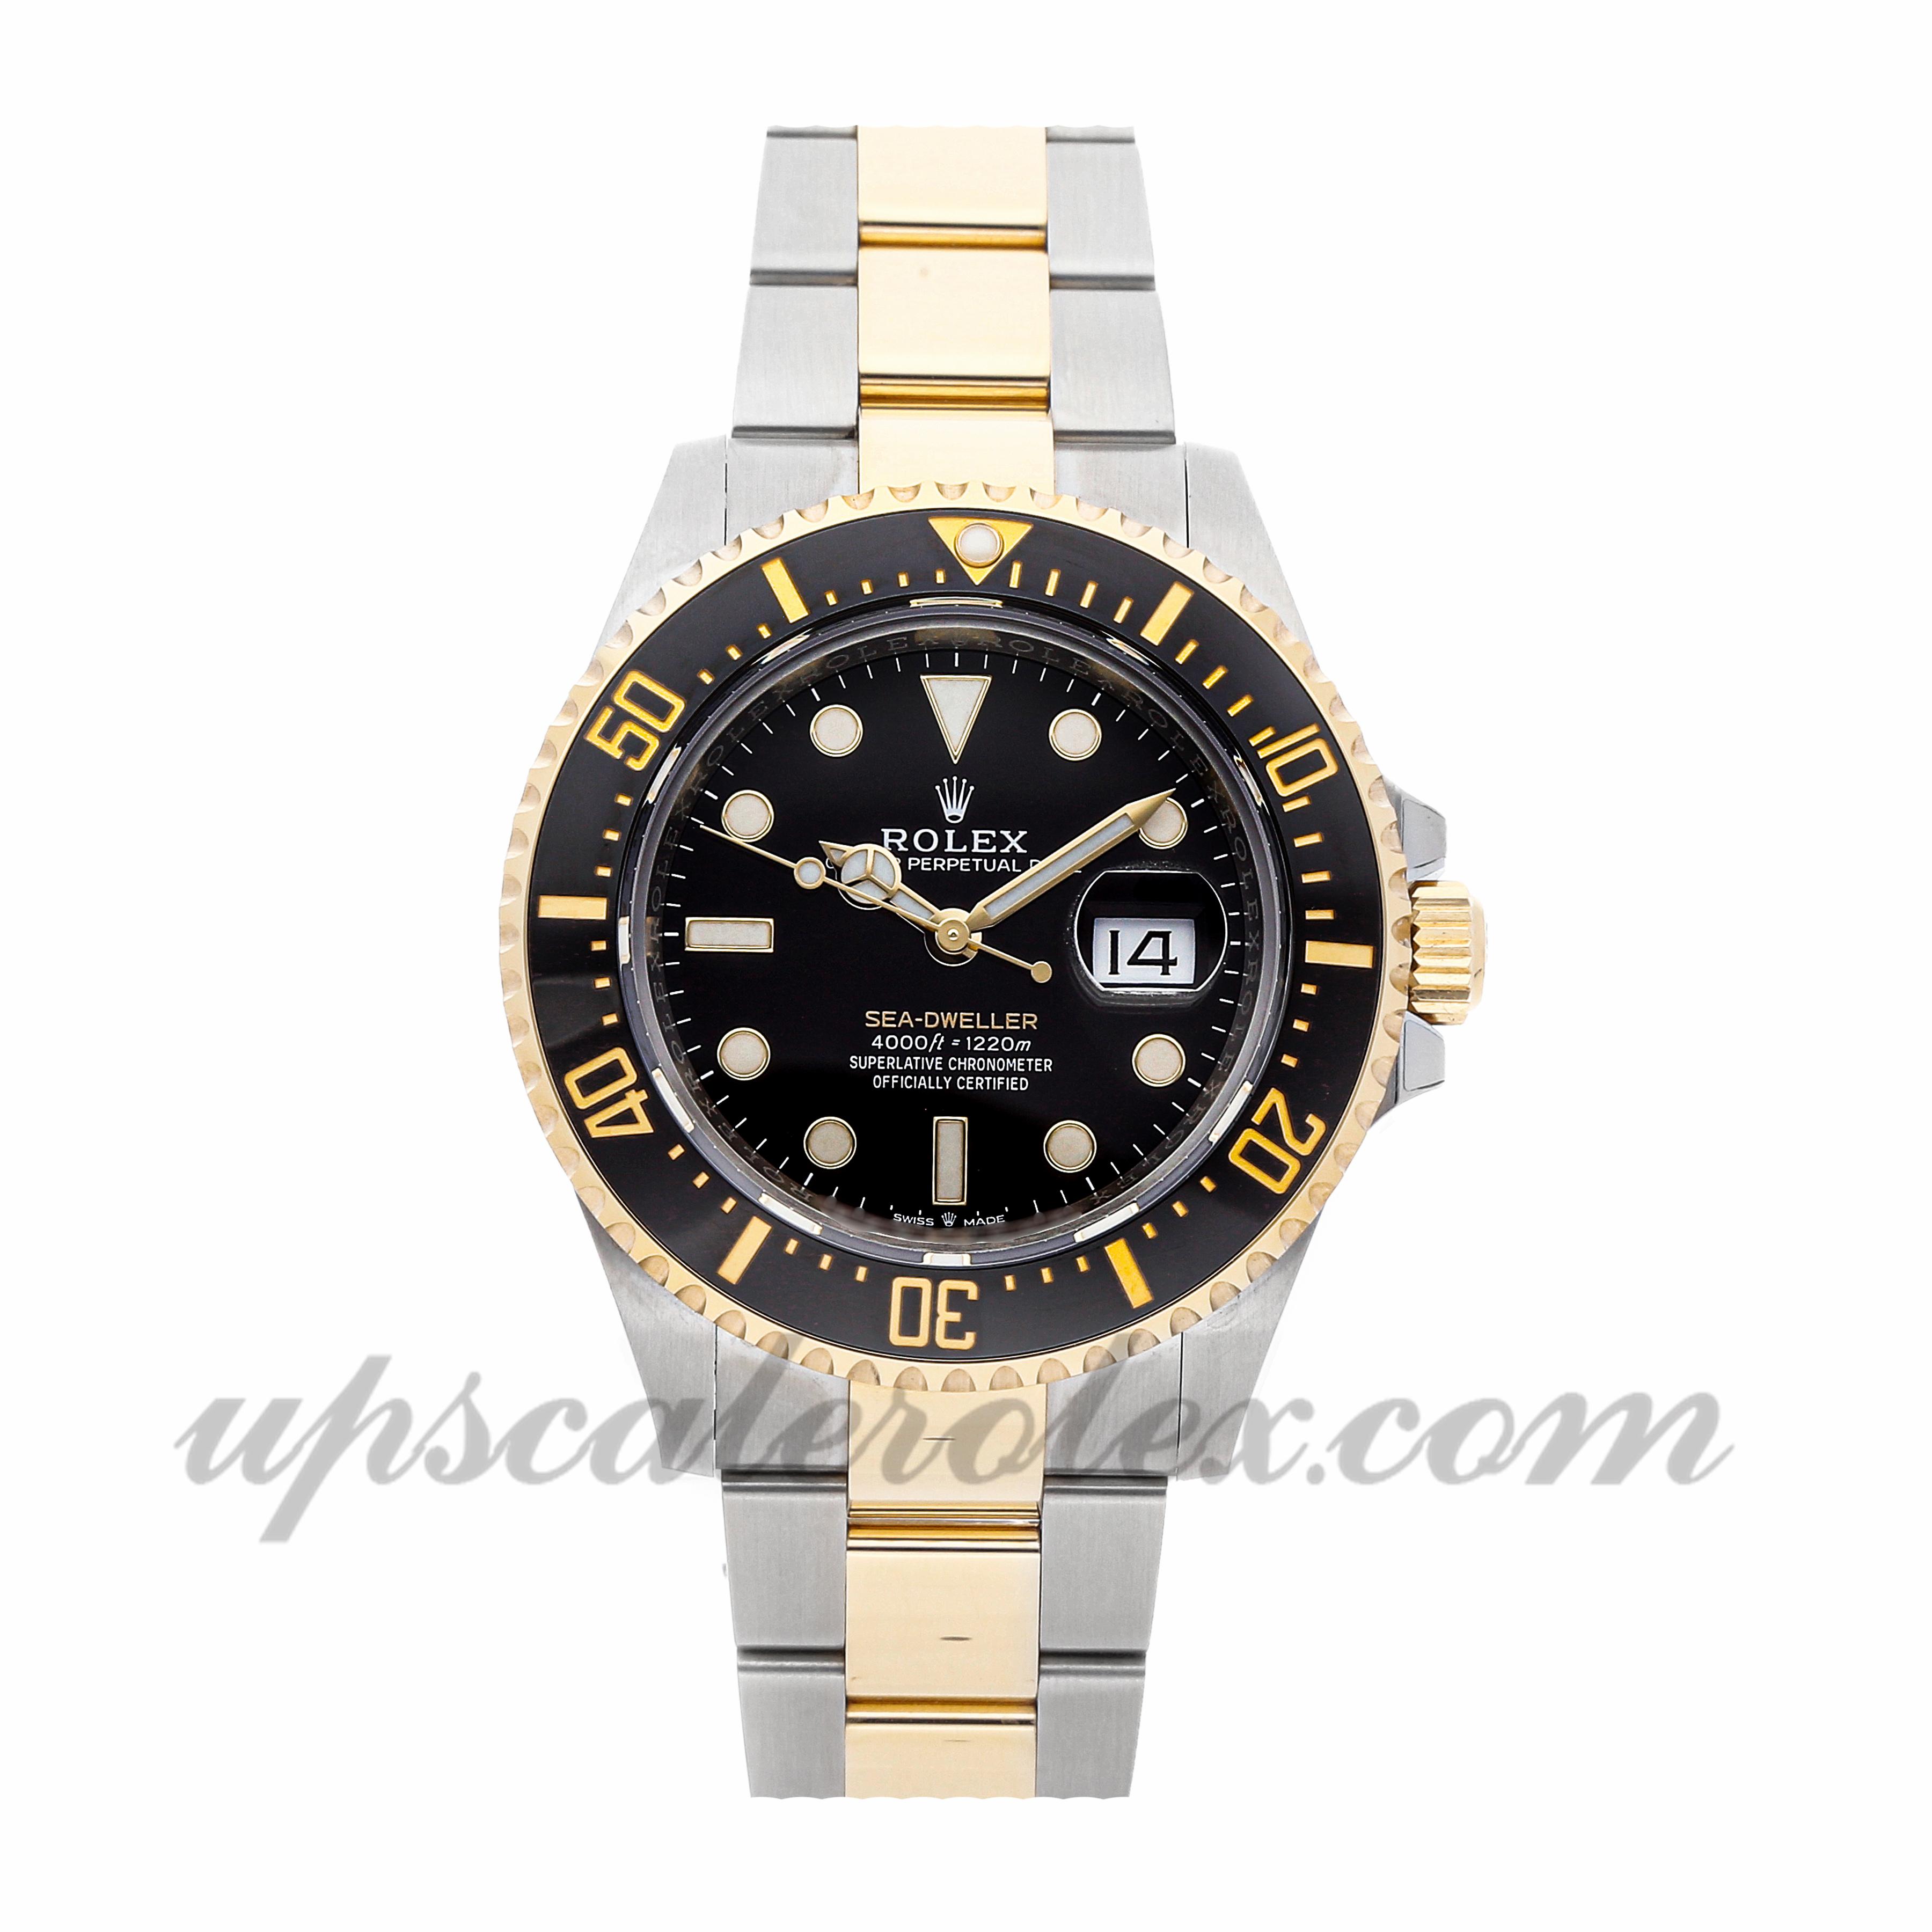 Mens Rolex Sea,dweller 126603 43mm Case Mechanical (Automatic) Movement  Black Dial